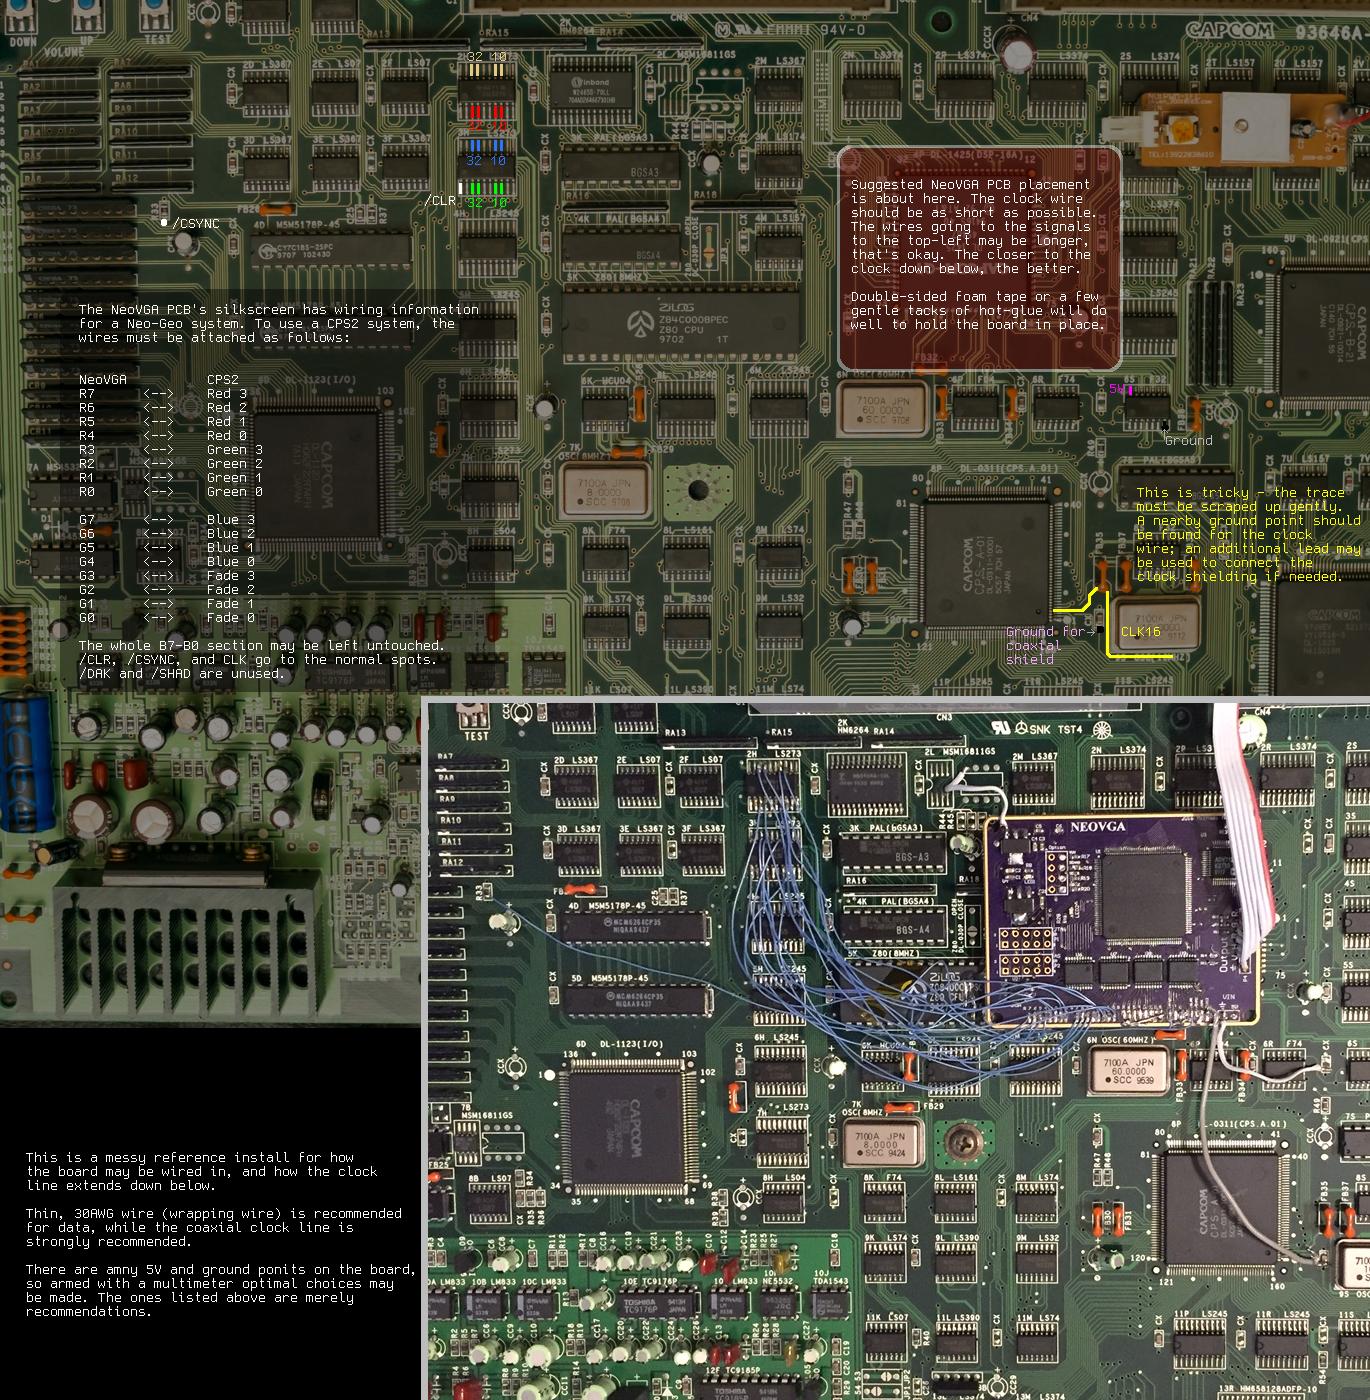 Convertisseur CGA —> VGA : des suggestions ? CPS2